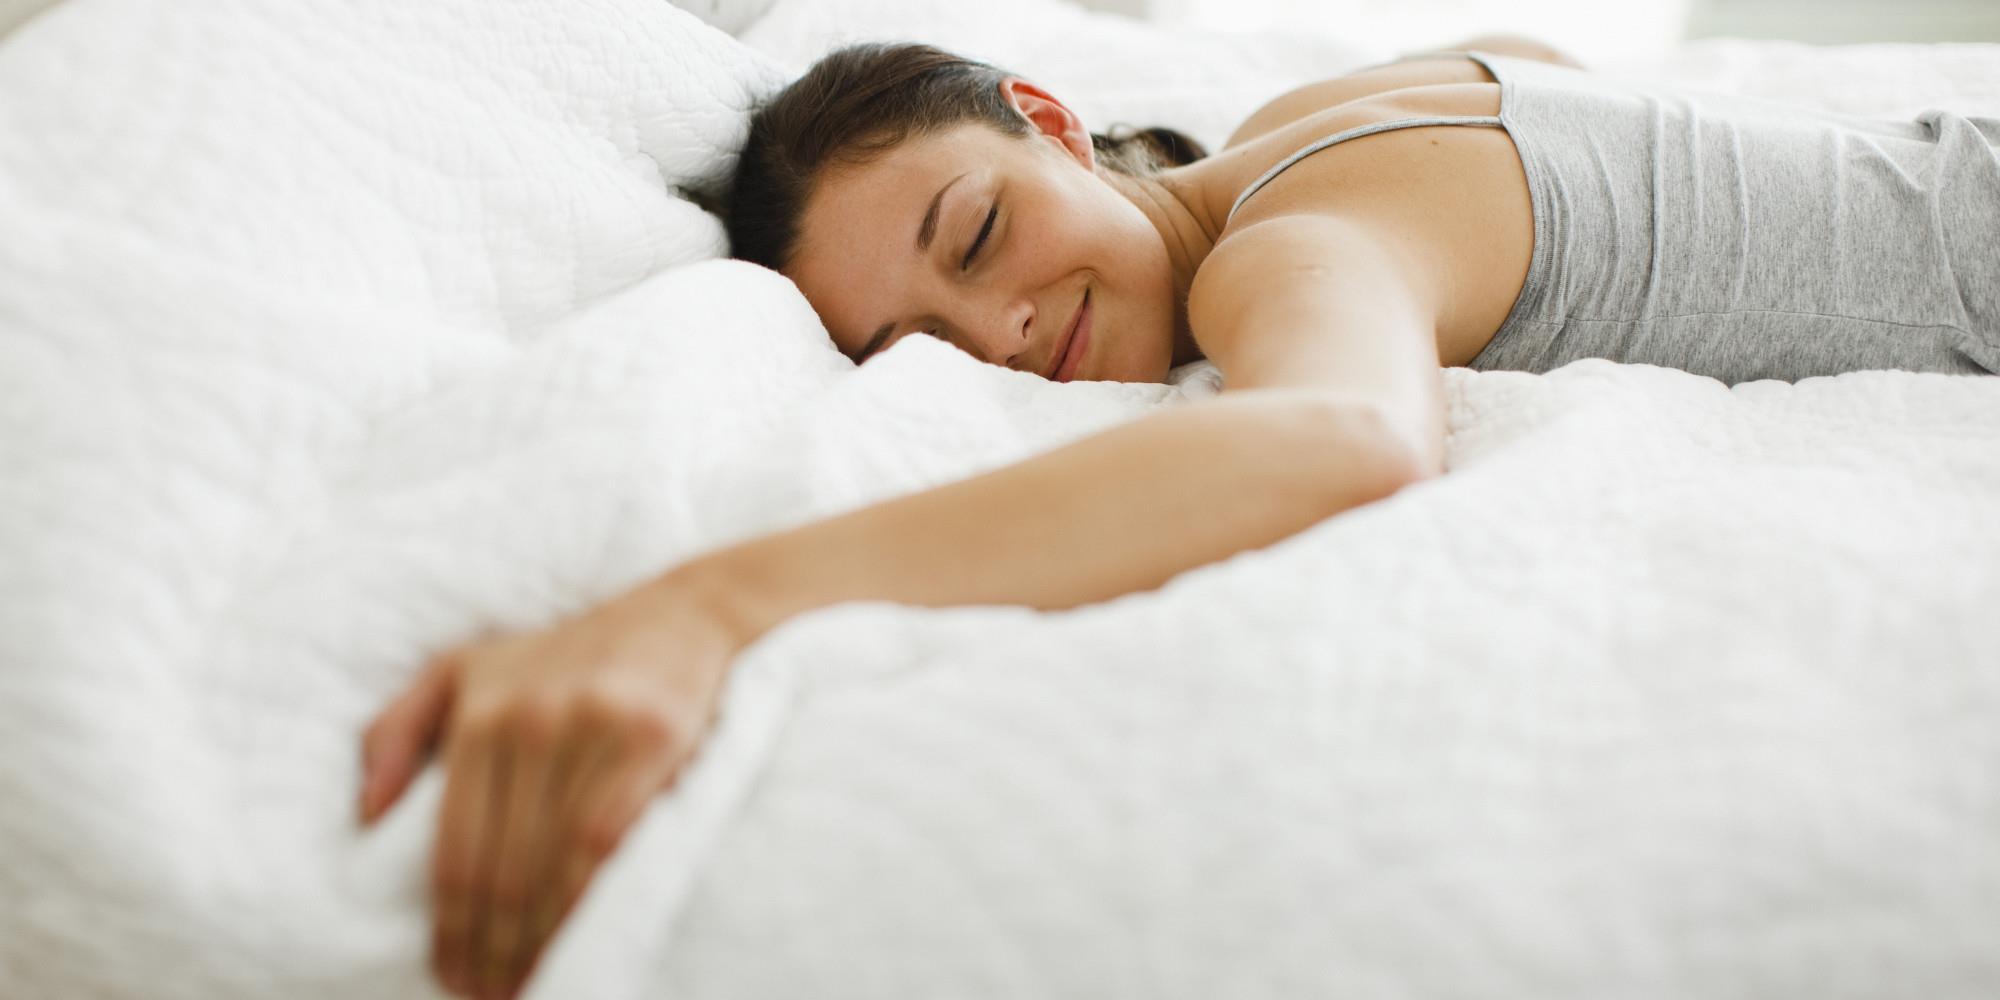 Khái niệm ngủ mơđiều bạn cần biết